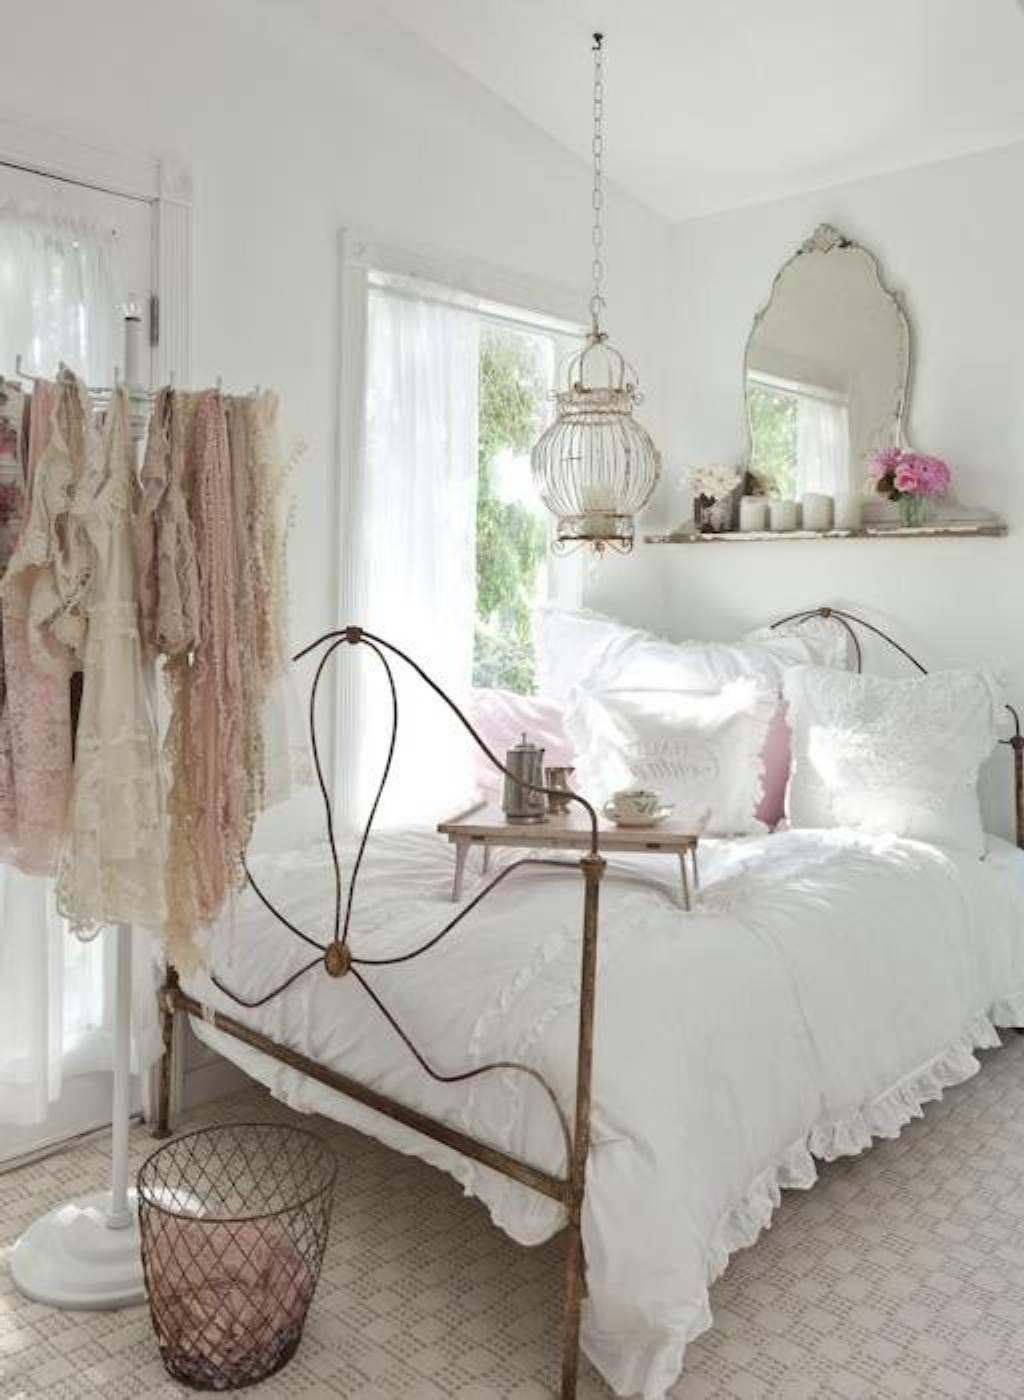 dormitorio vintage low cost